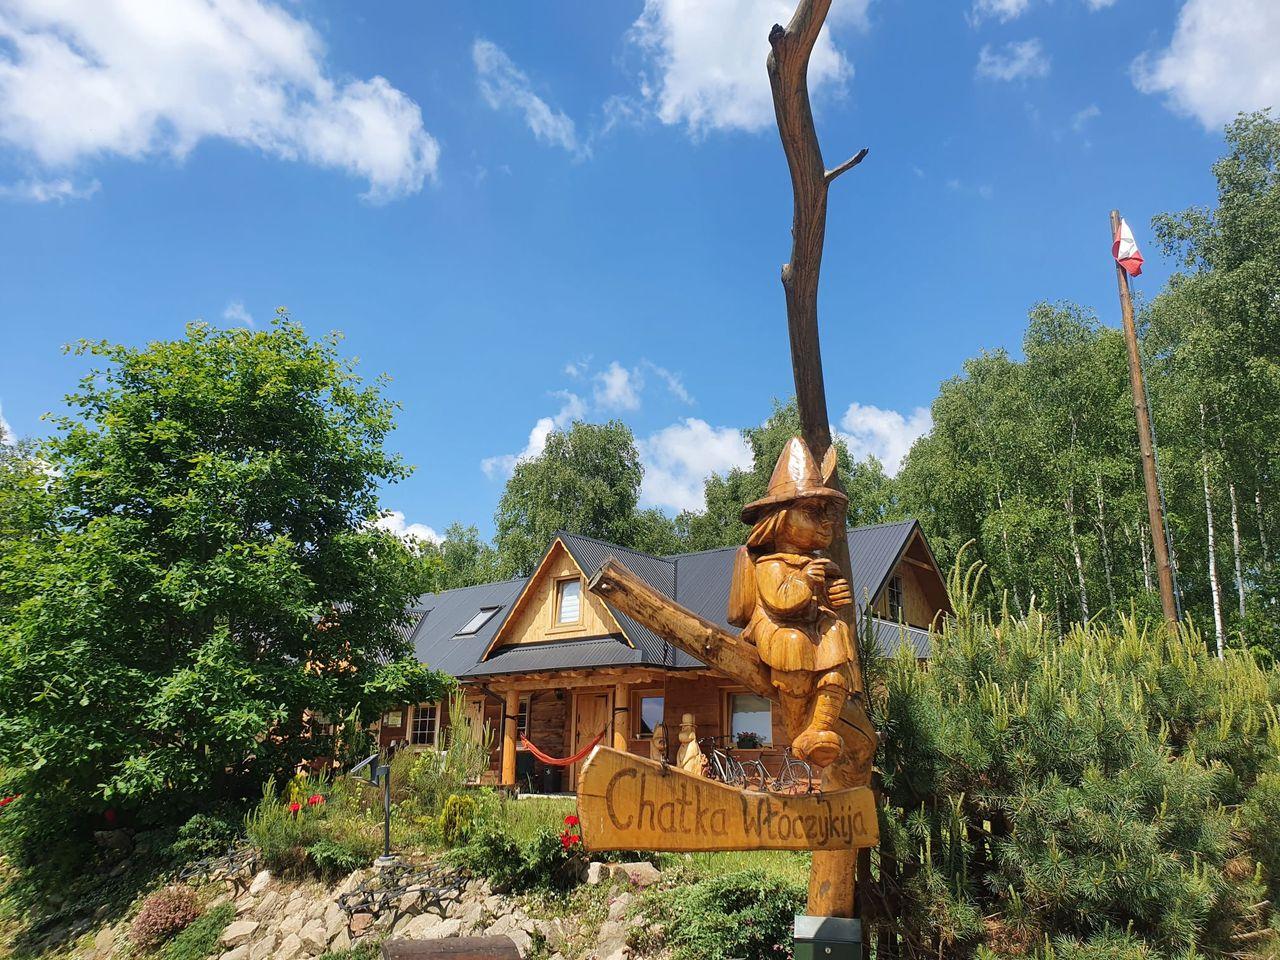 Chatka Włóczykija, Jamna